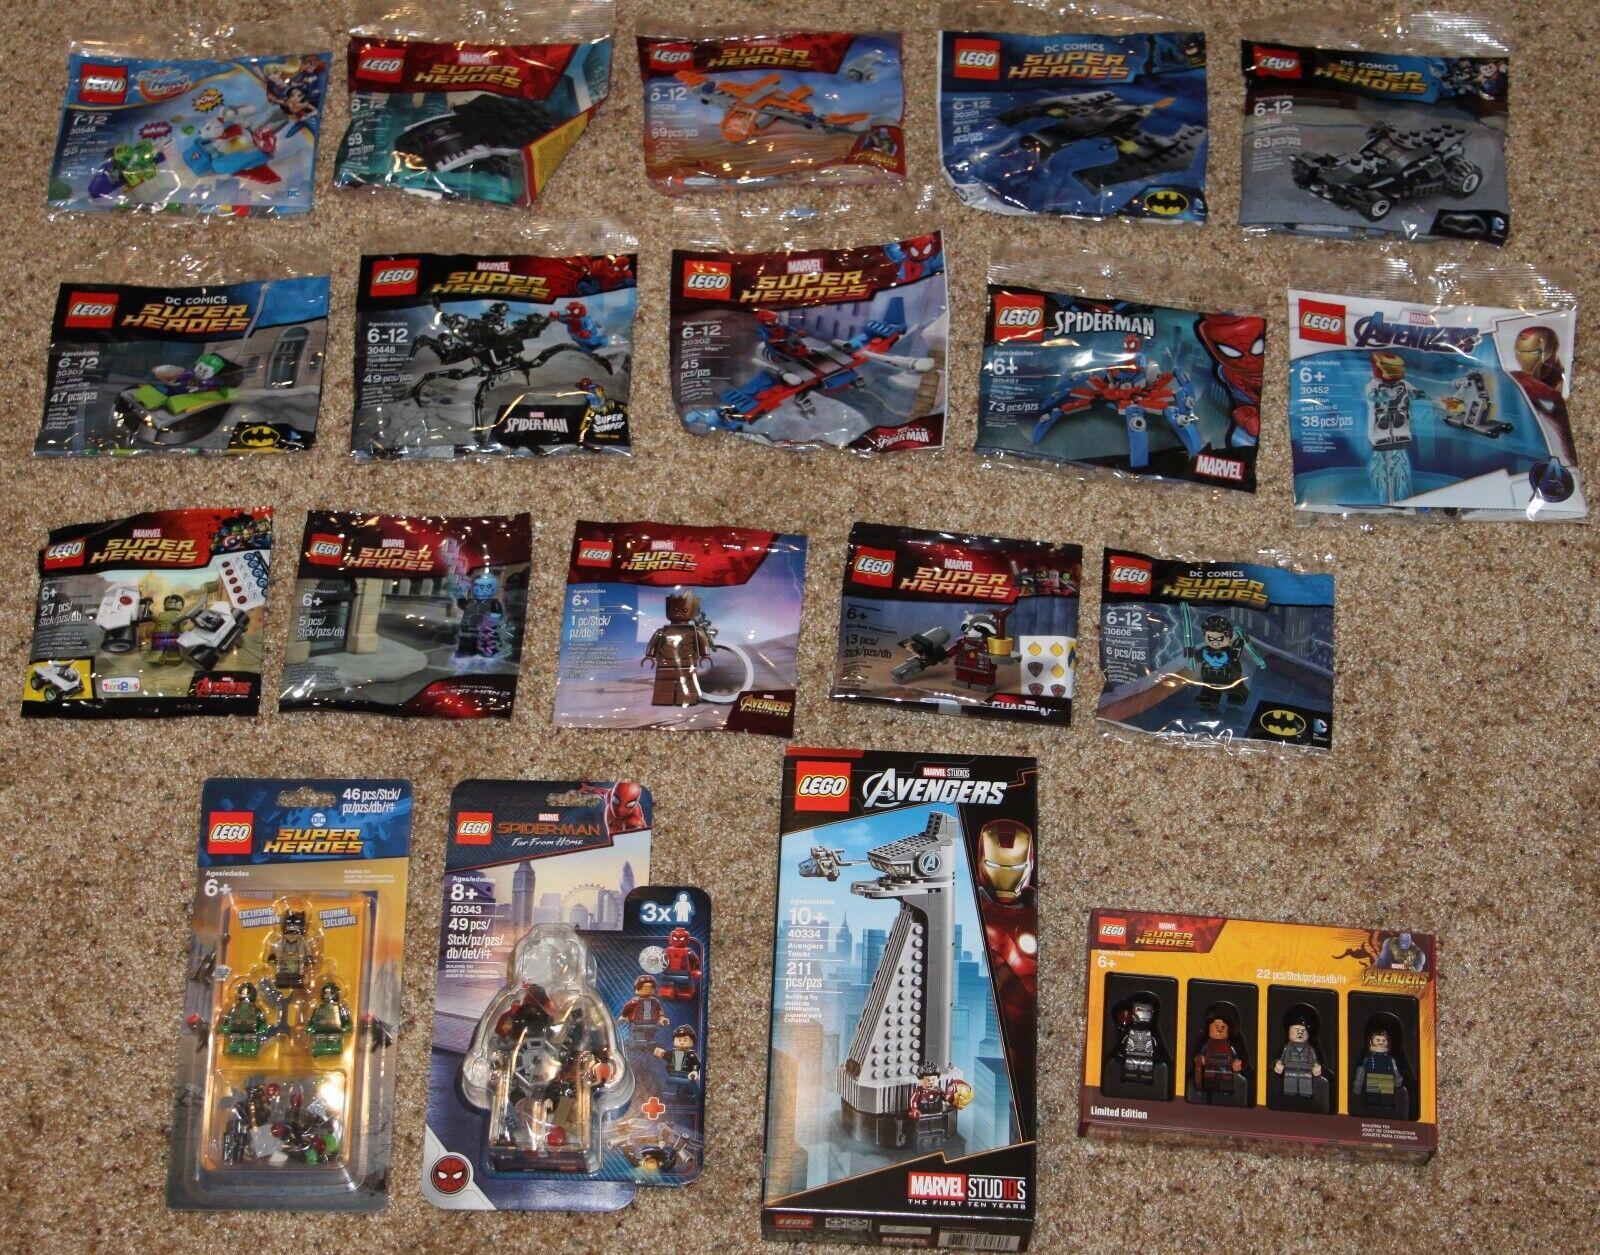 19 Lego Marvel DC Polyborsa Lot 5005256 40334 5003084 8530448 30452 30606